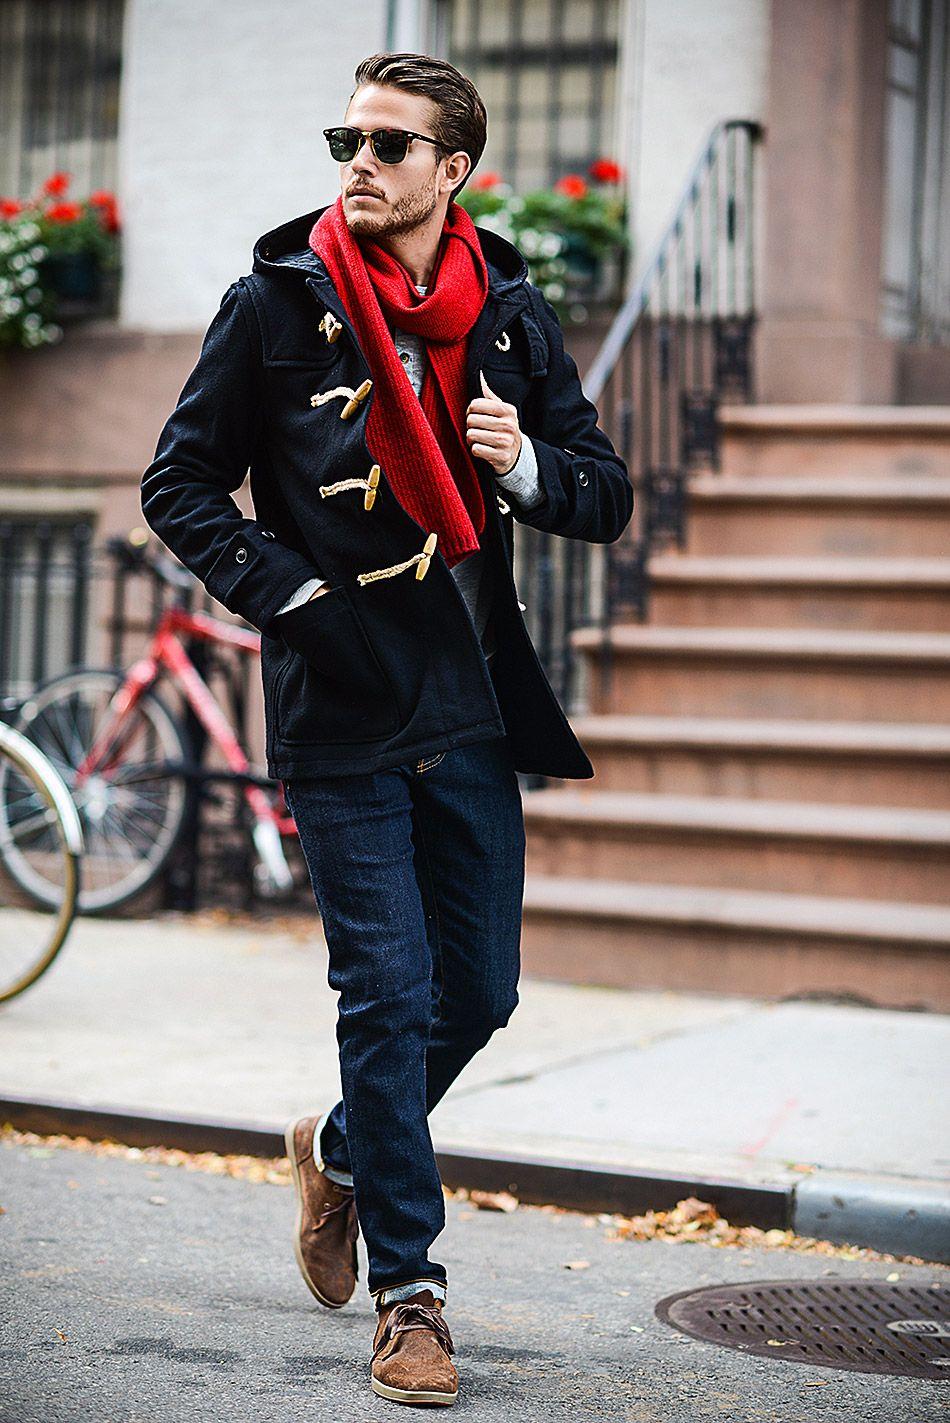 Смарт-кэжуал - это эффектная и практичная мужская молодежная одежда, в которой есть место ярким вещам